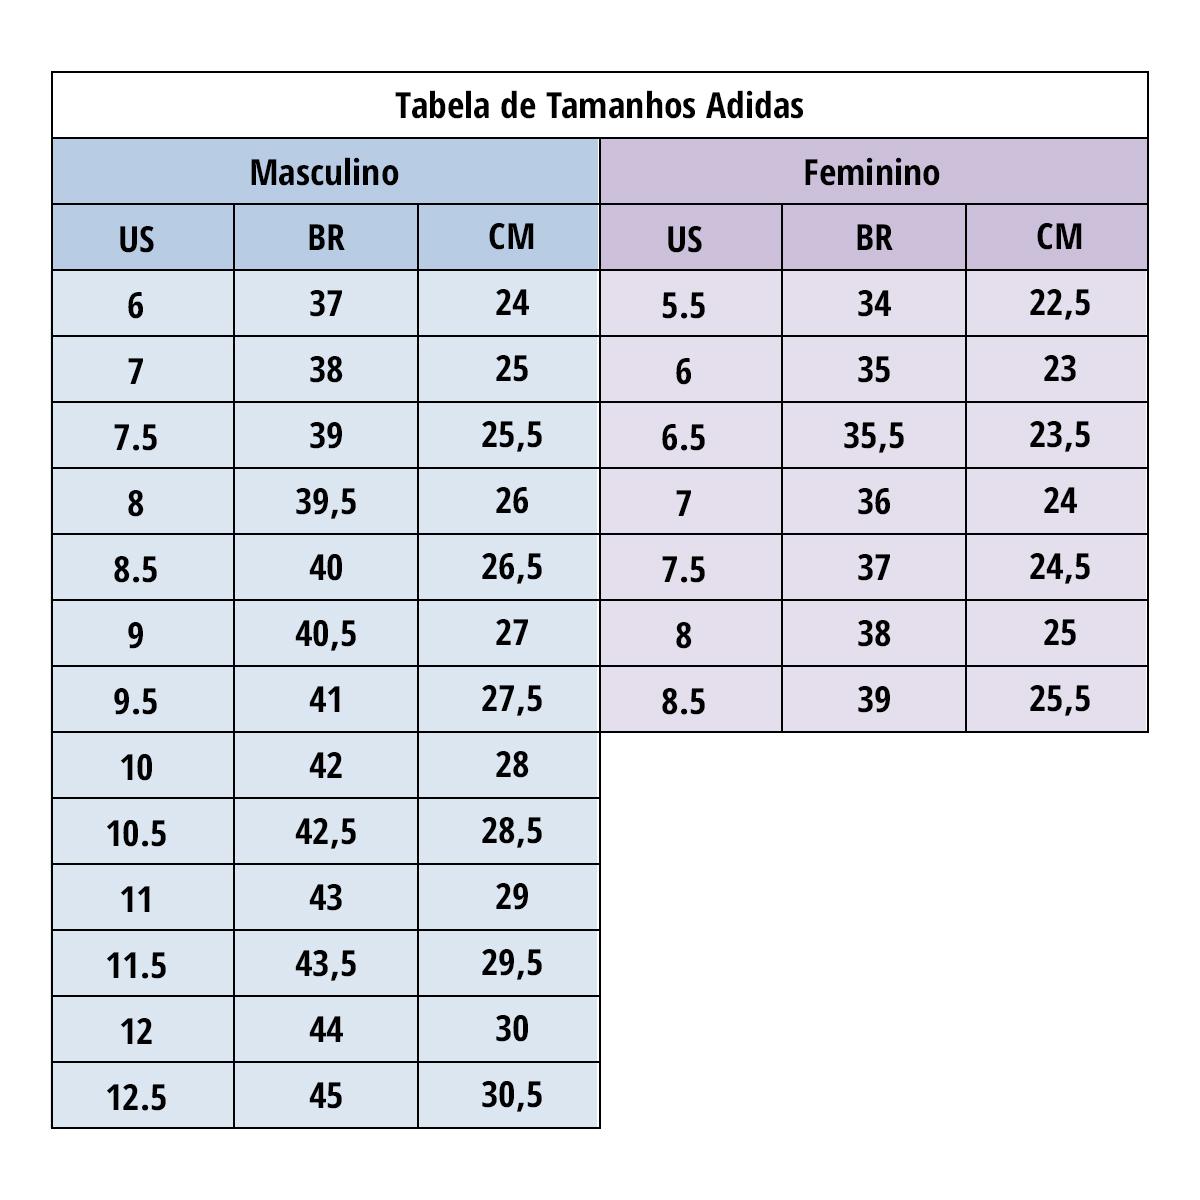 Tabela de tamanhos Adidas - Ativa Esportes